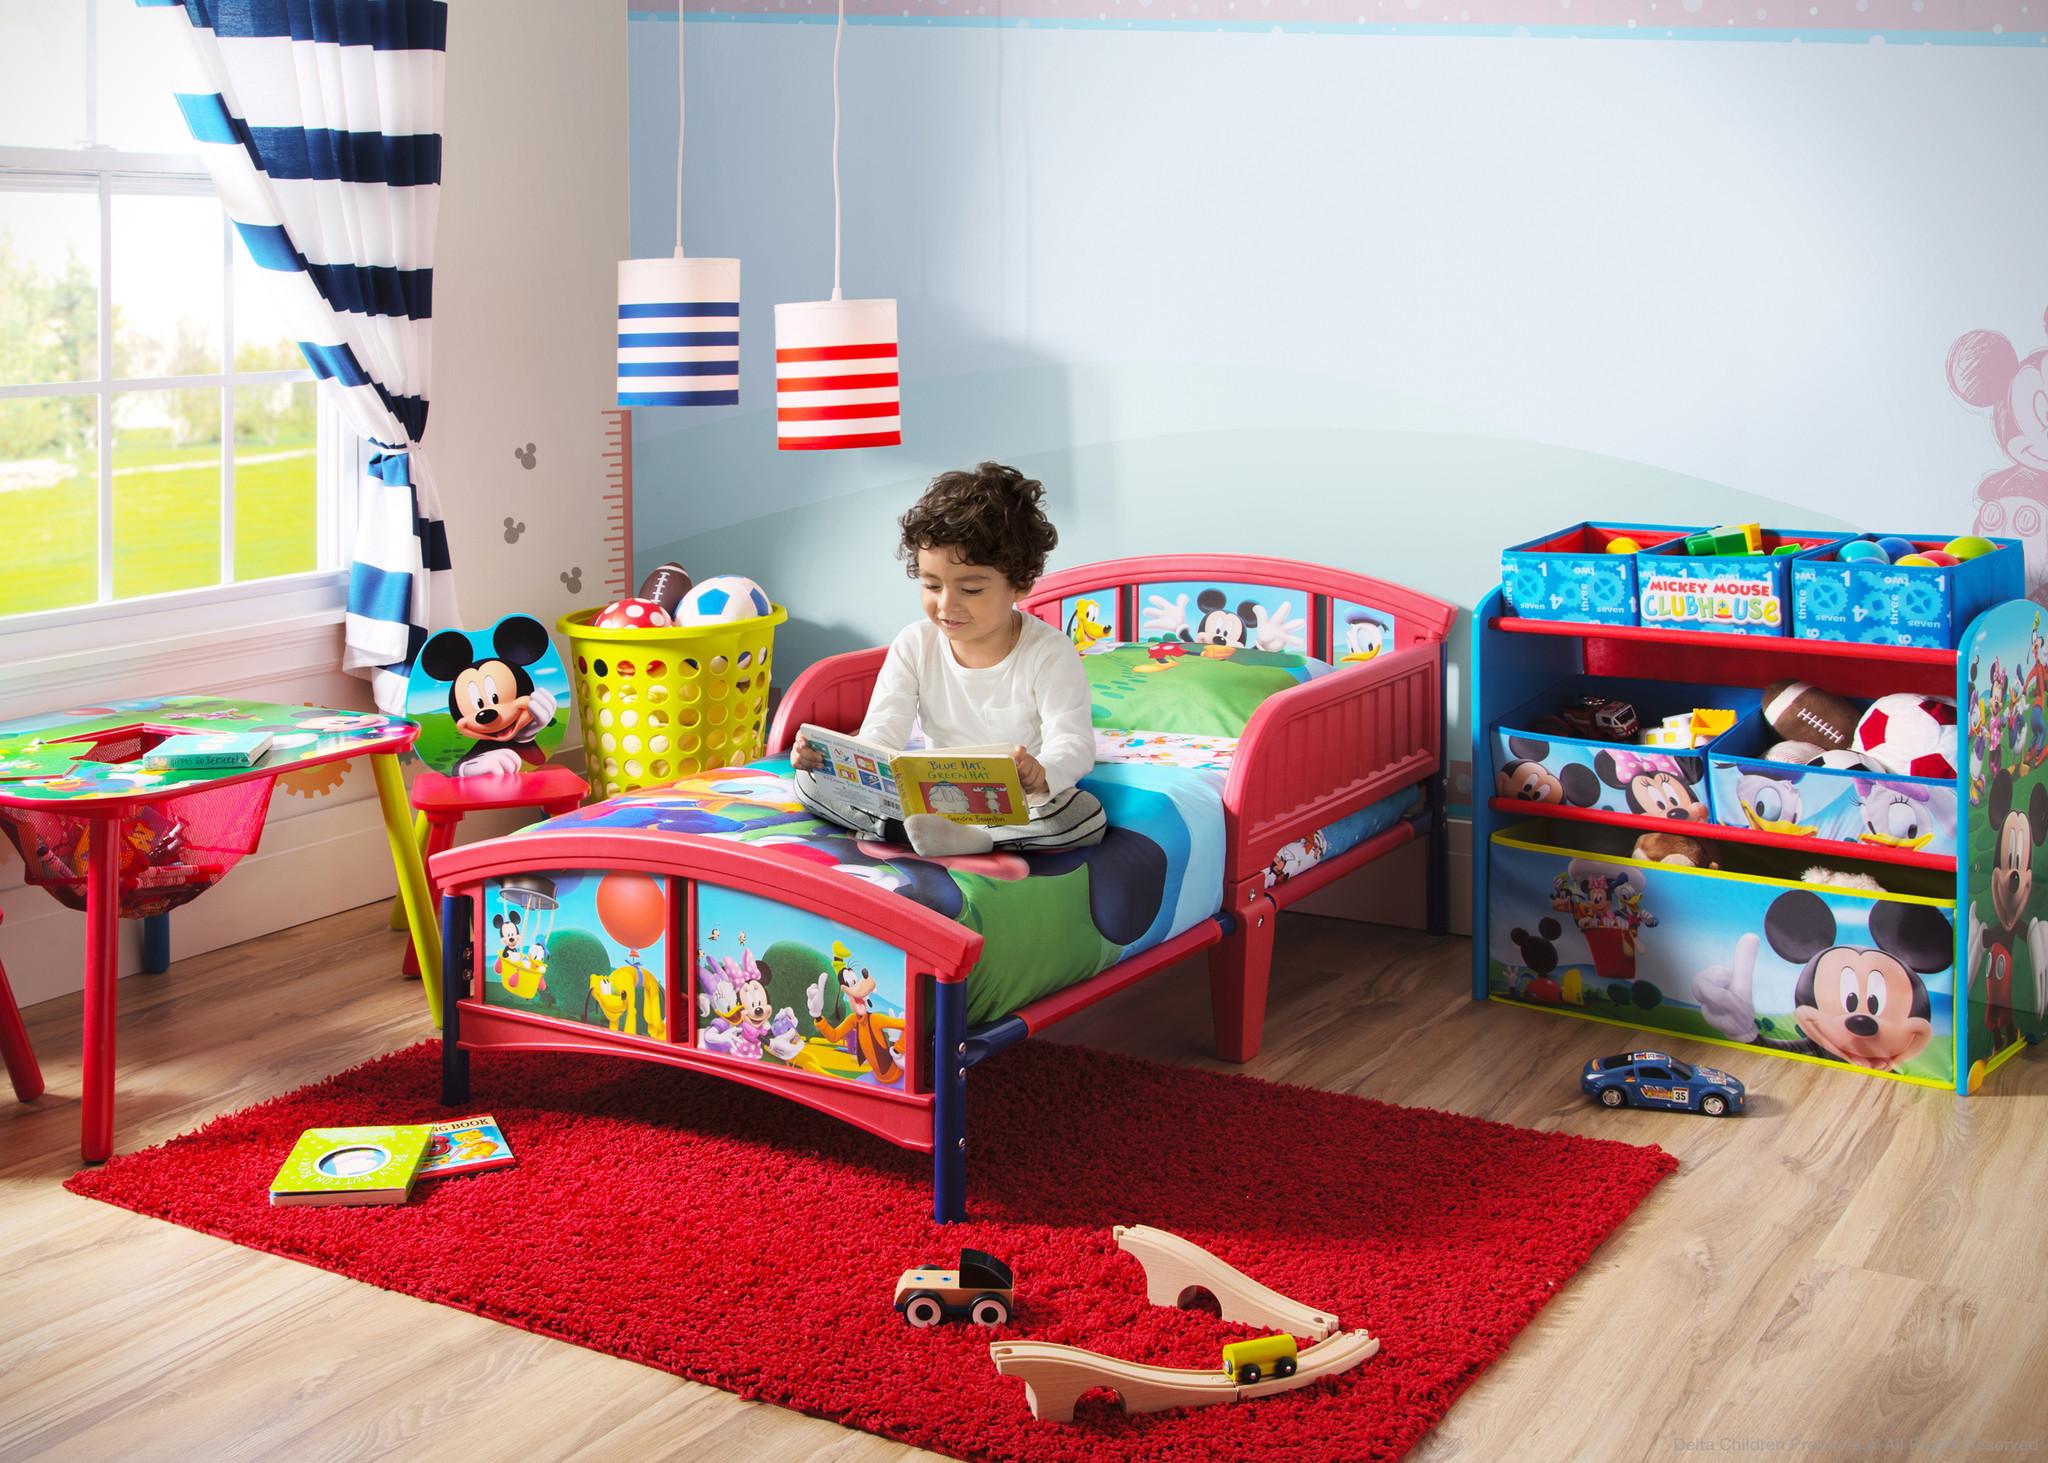 Organizador de juguetes disney guia de compra y analisis del enero 2019 - Mueble organizador de juguetes ...